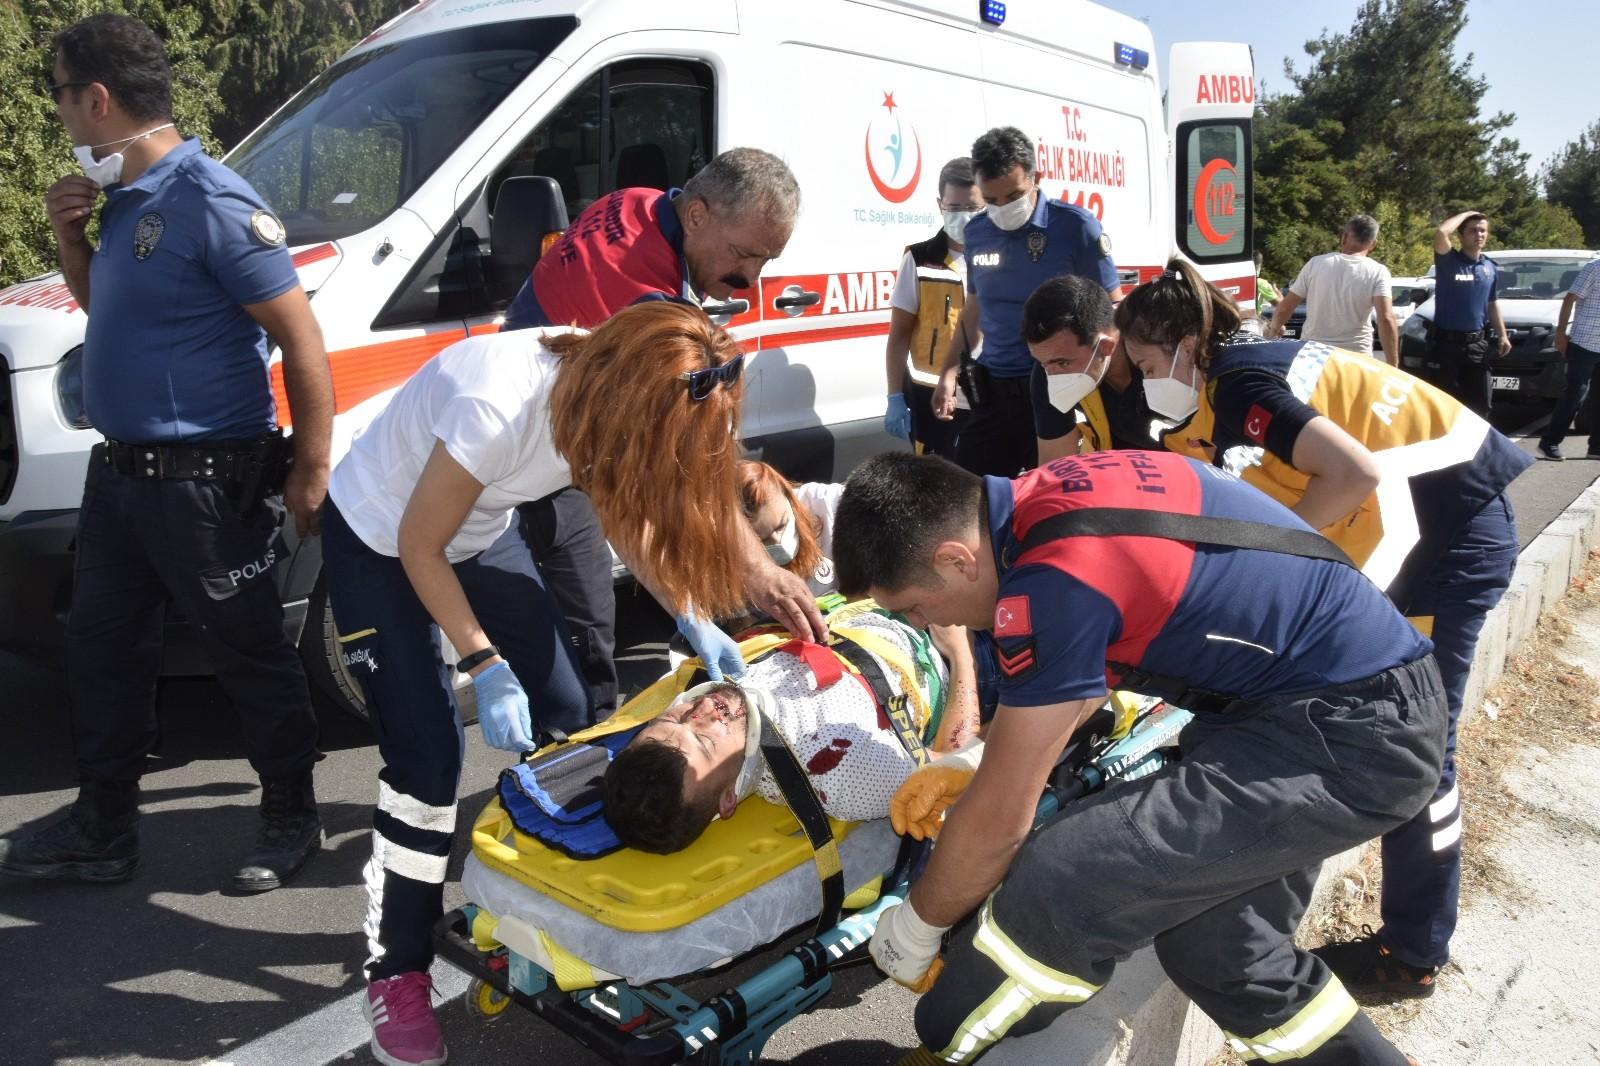 Burdur'da refüje çıkan otomobilin üzerine direk devrildi: 3 yaralı